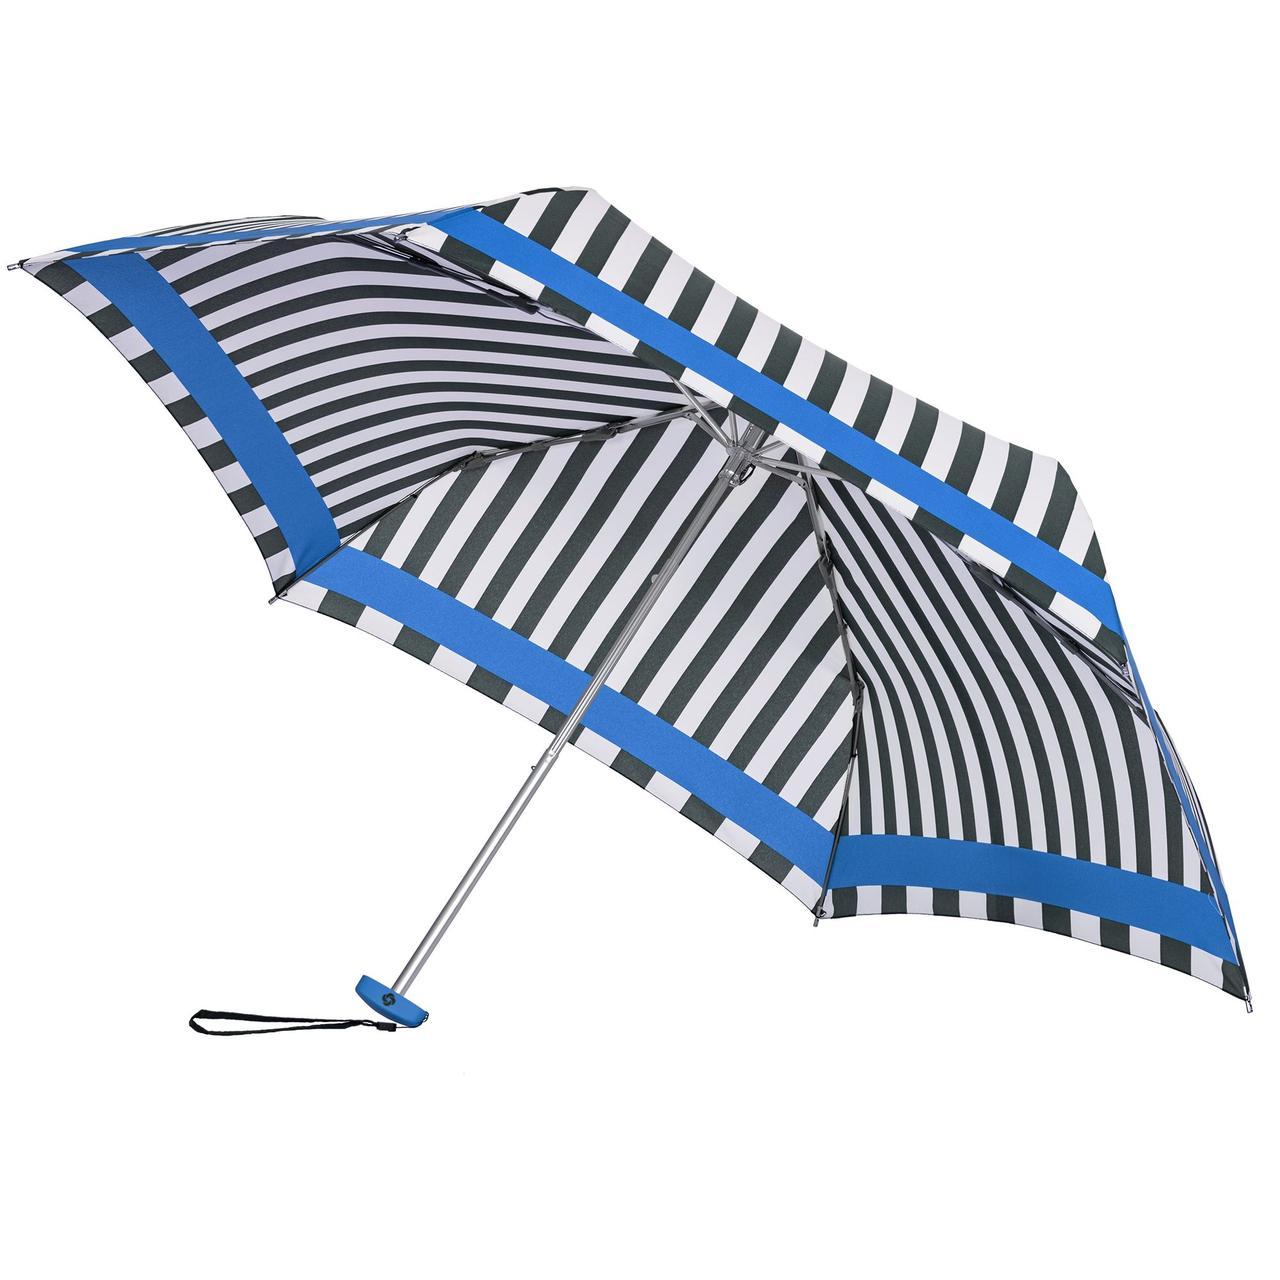 Зонт складной R Pattern, черно-белый в полоску с голубым кантом